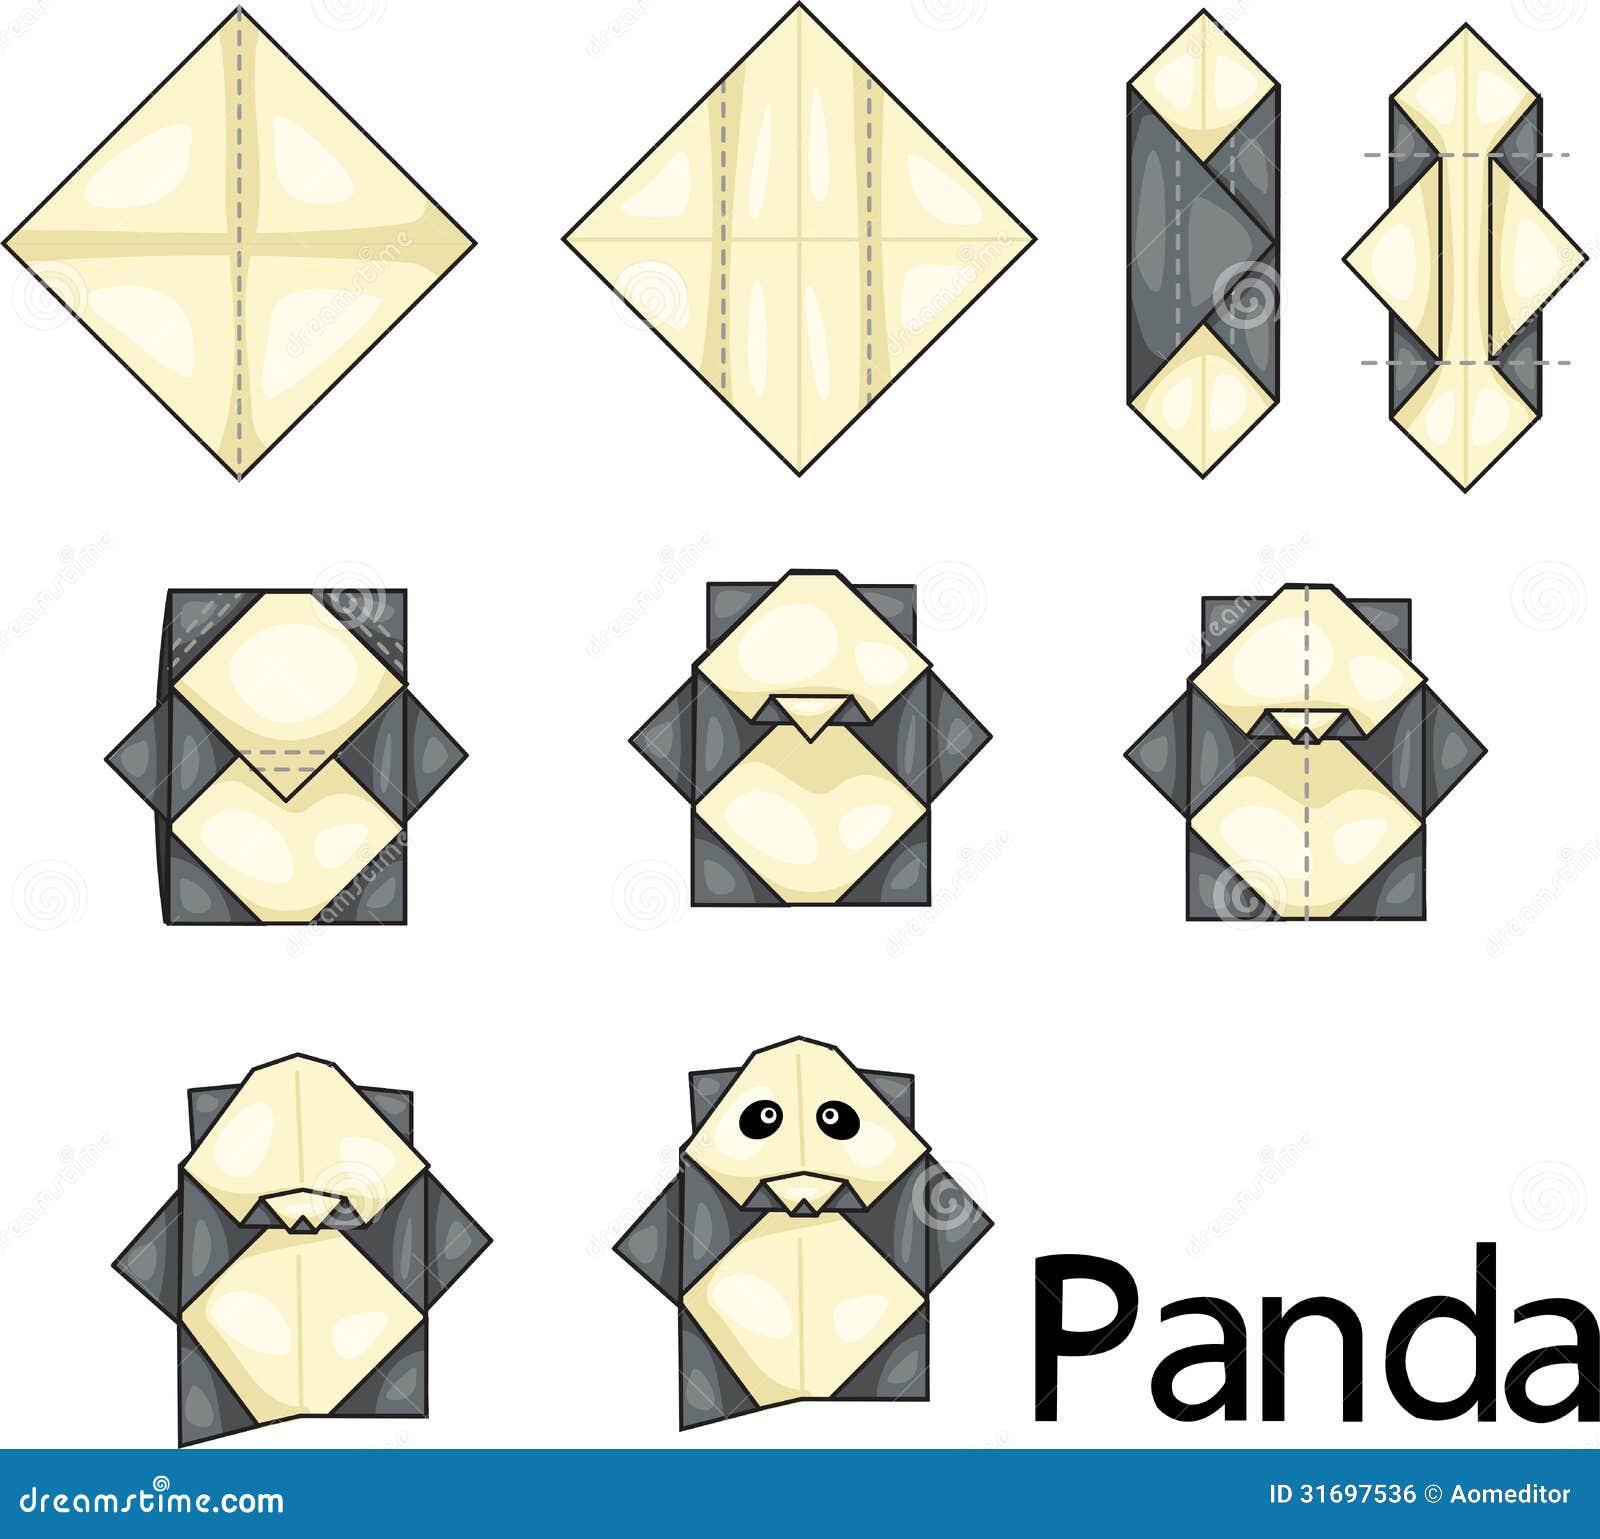 Origamipanda